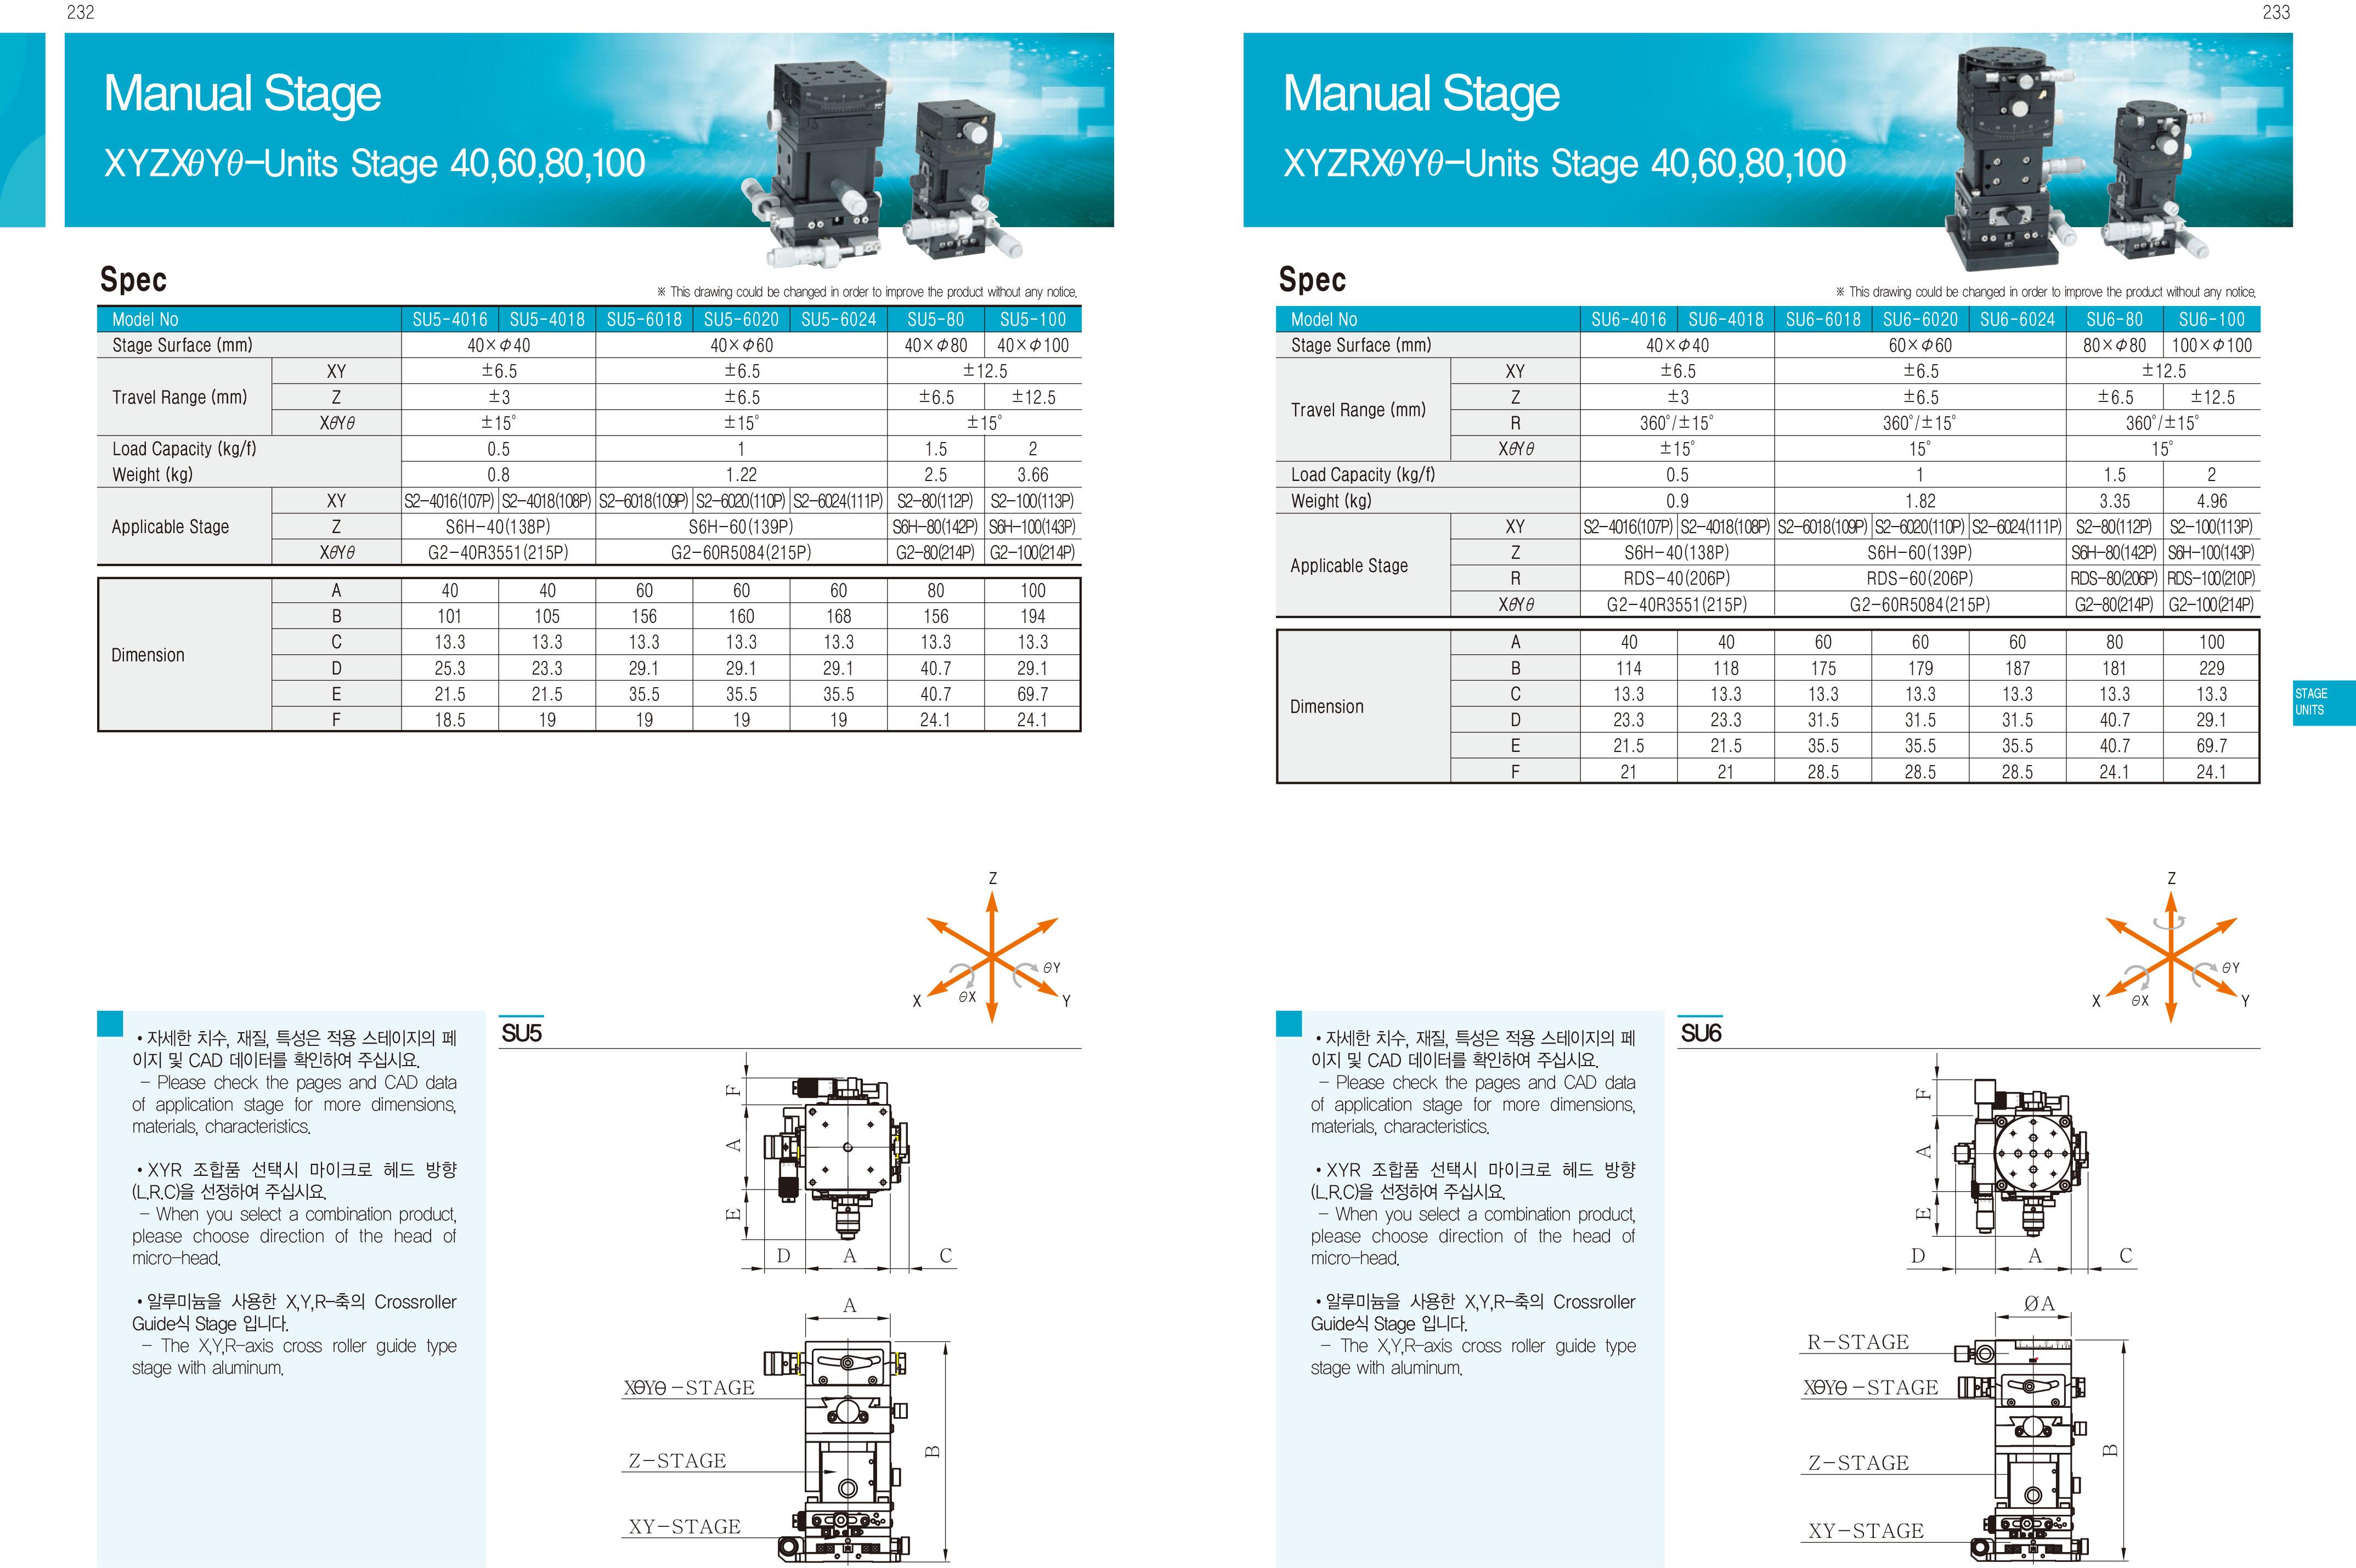 DPIN-Stage-Units-多軸平台-3